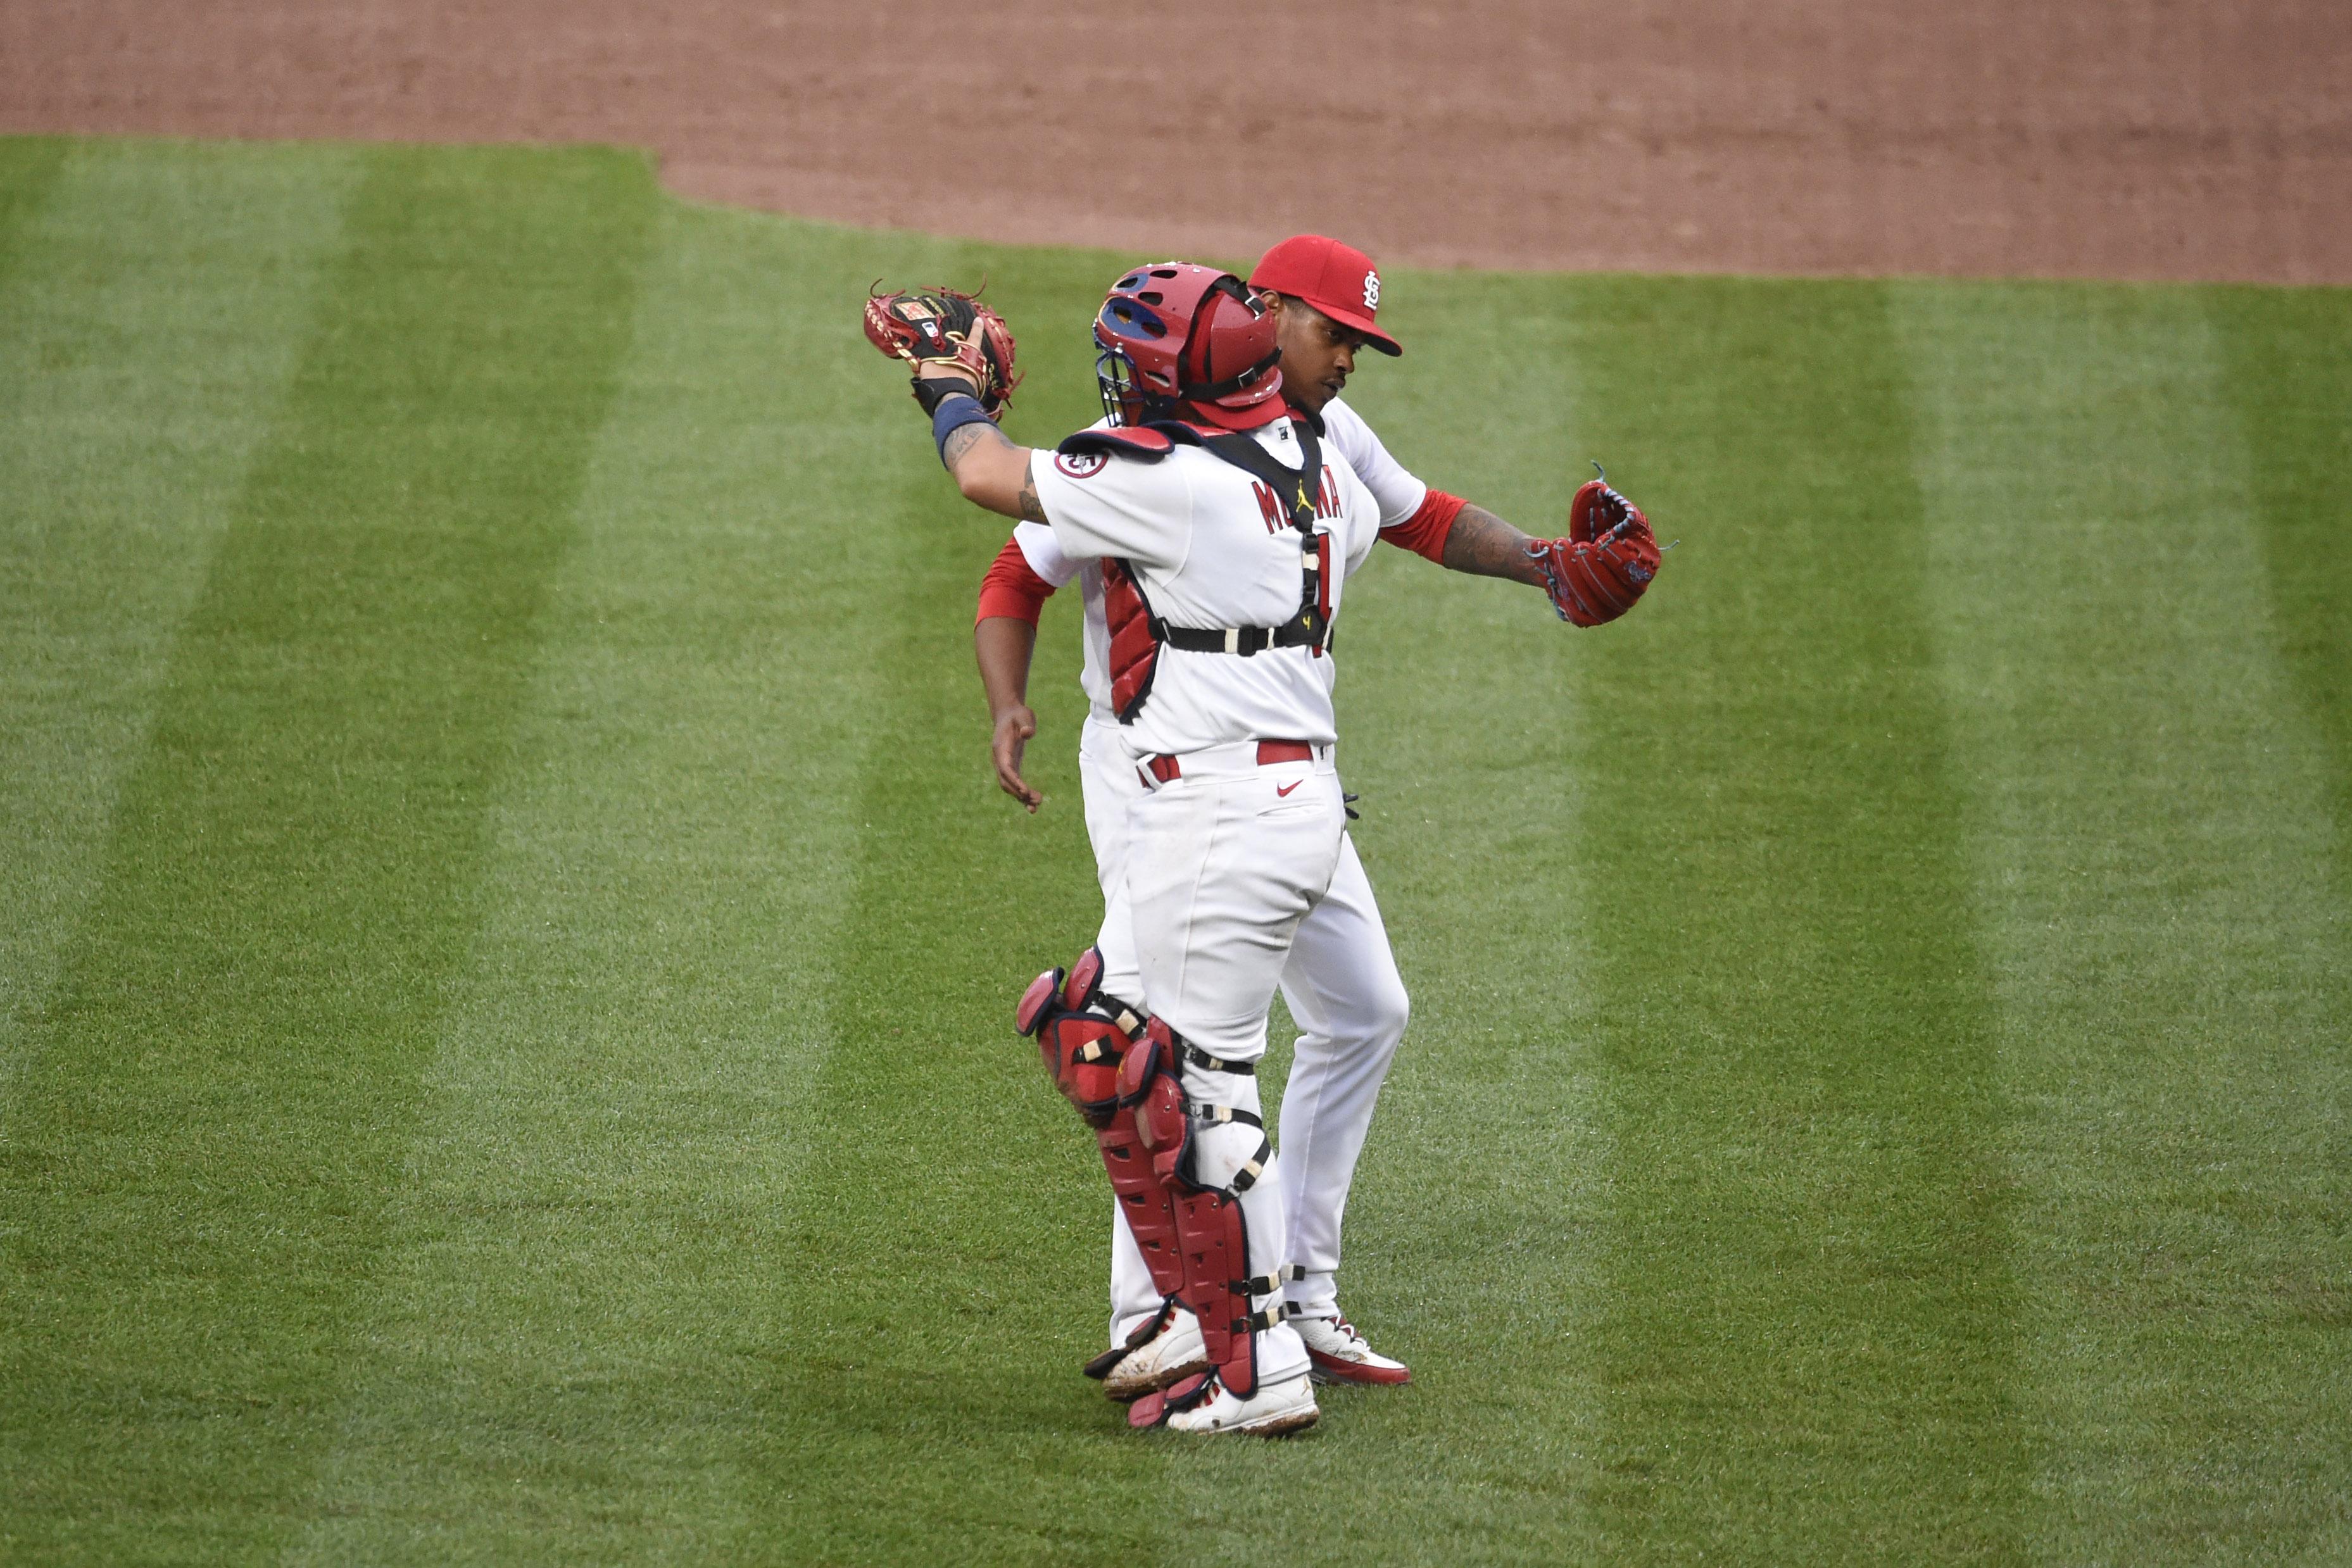 美国职业棒球大联盟:密尔沃基酿酒人队对阵圣路易斯红雀队